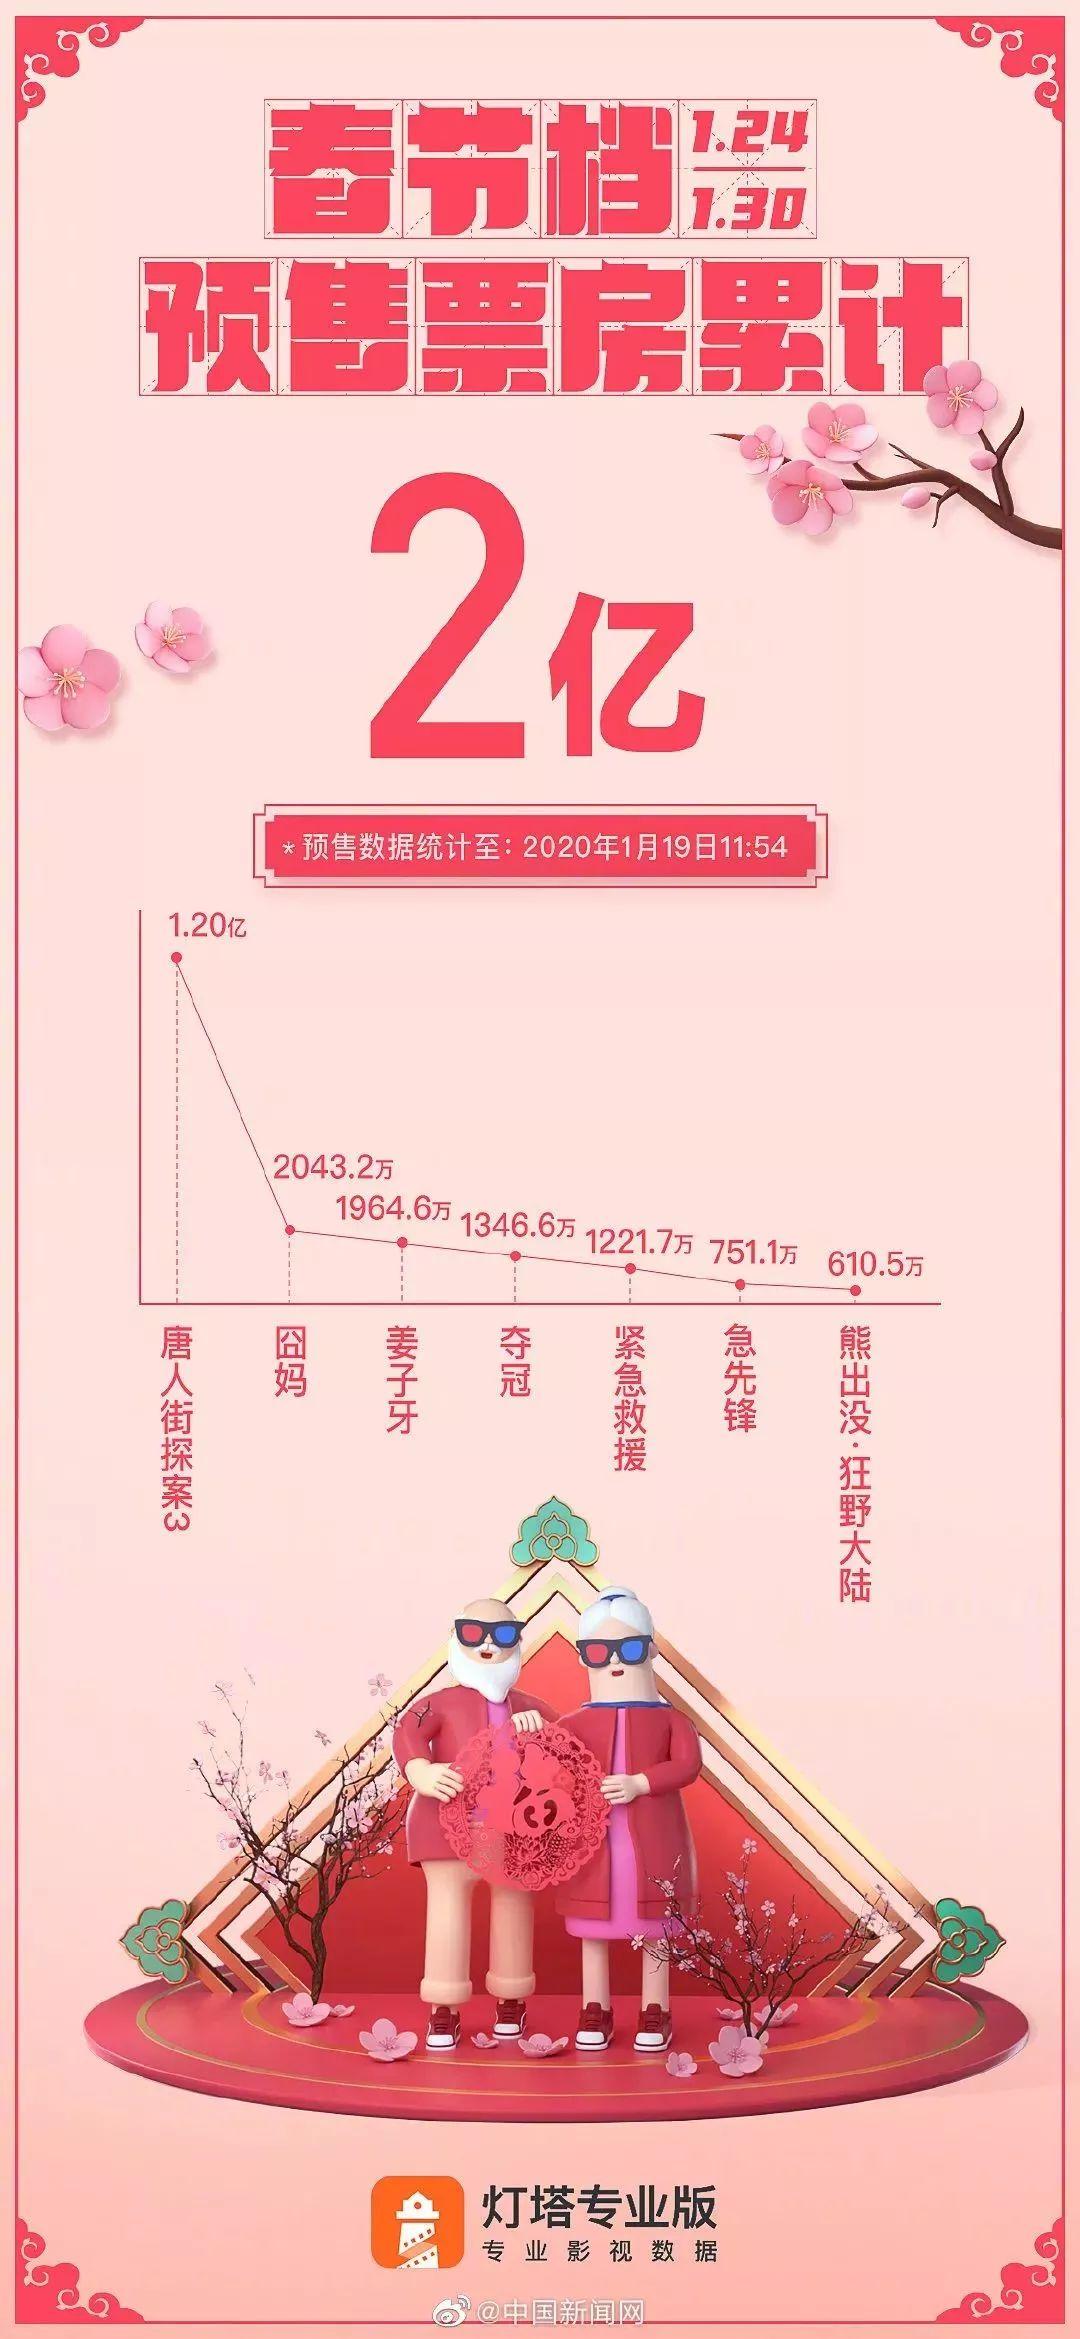 2020 票房排行_2020年1月中国电影票房排行榜 总票房22亿 榜首 宠爱 破5亿